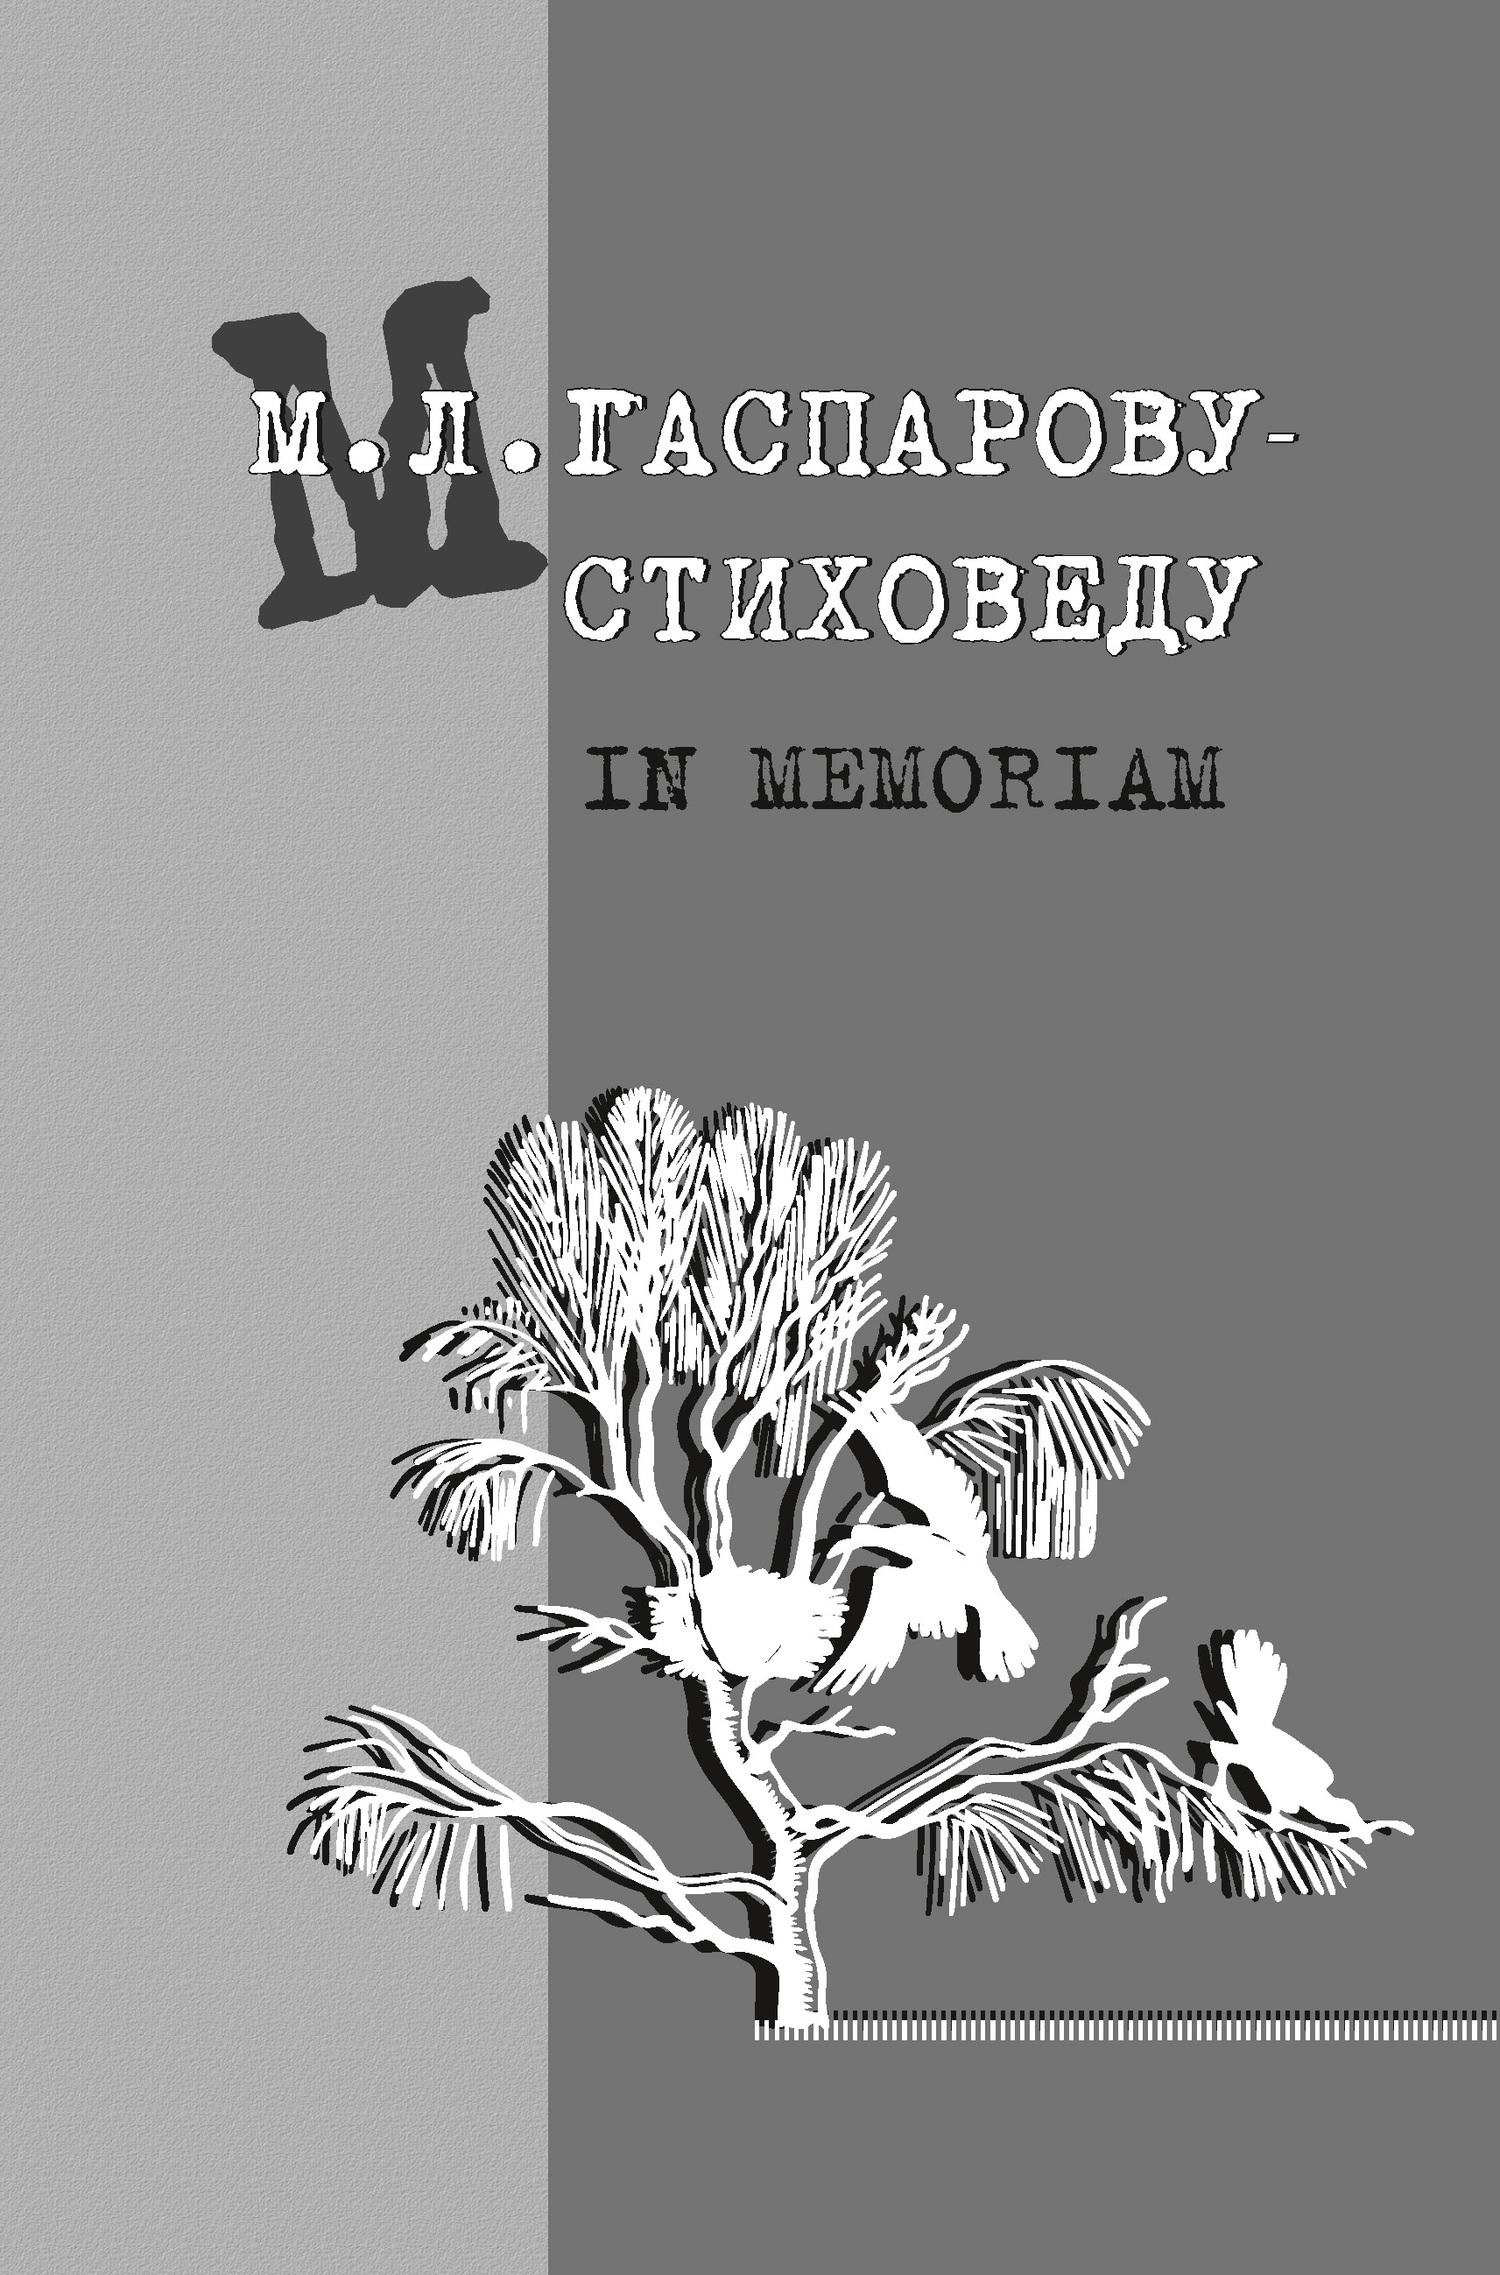 Сборник статей М. Л. Гаспарову-стиховеду. In memoriam